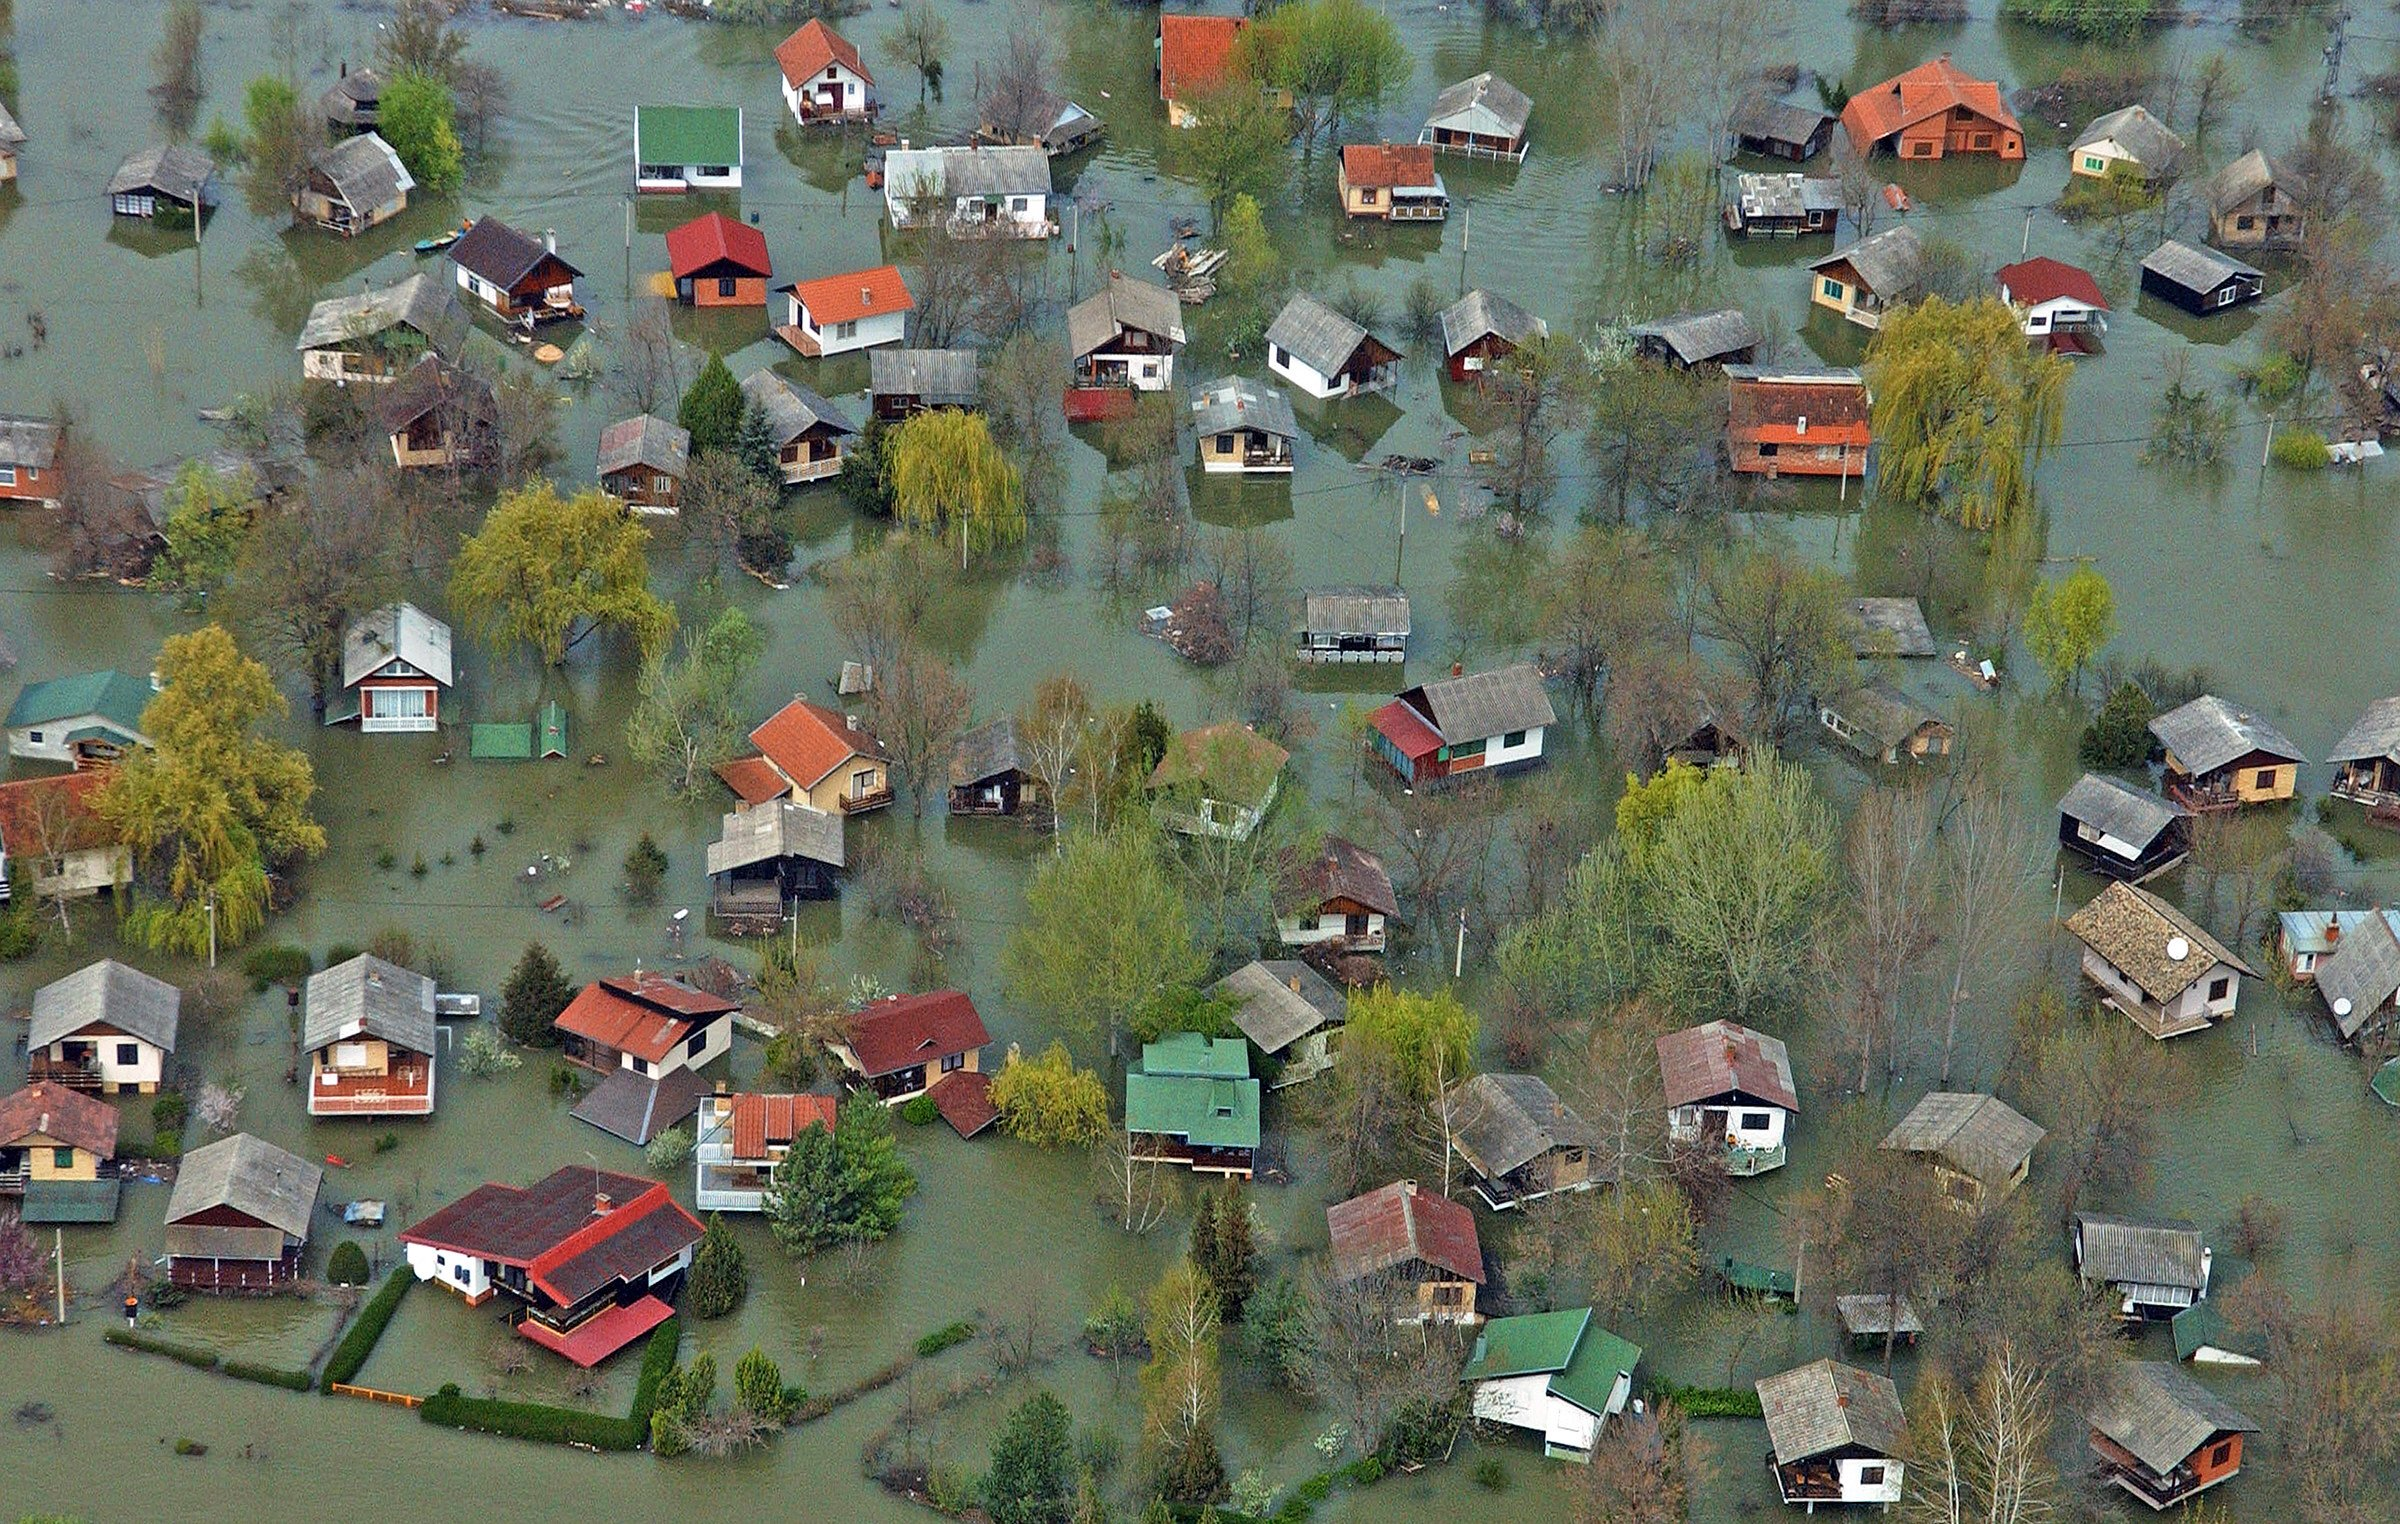 Quelles sont les villes menacées d'être englouties à cause du changement climatique ?